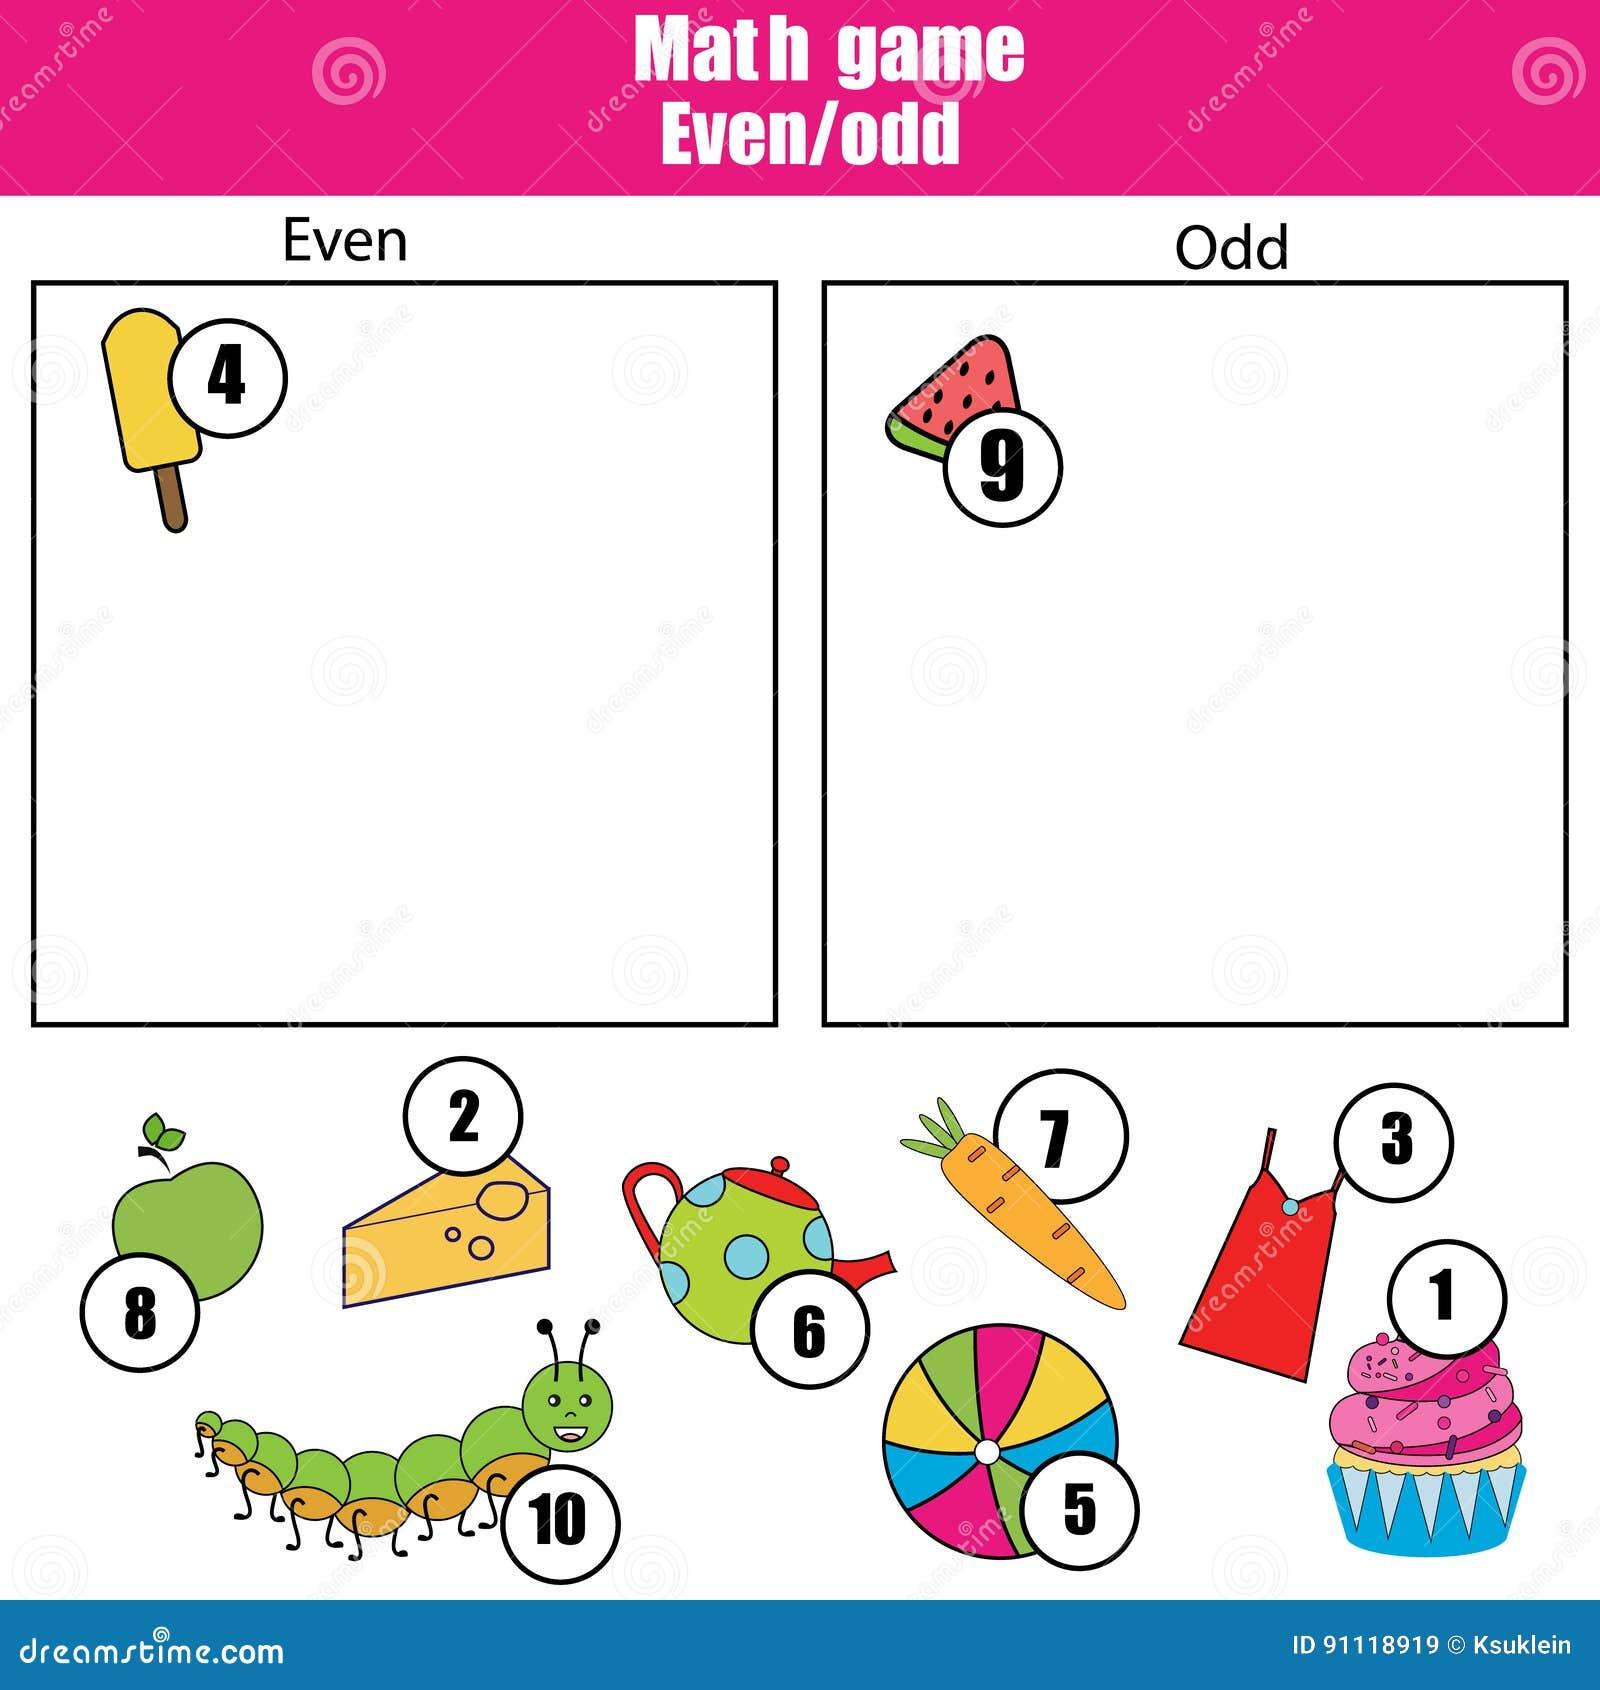 Mathelernspiel Für Kinder Sogar Lernen Und Ungerade Zahlen ...